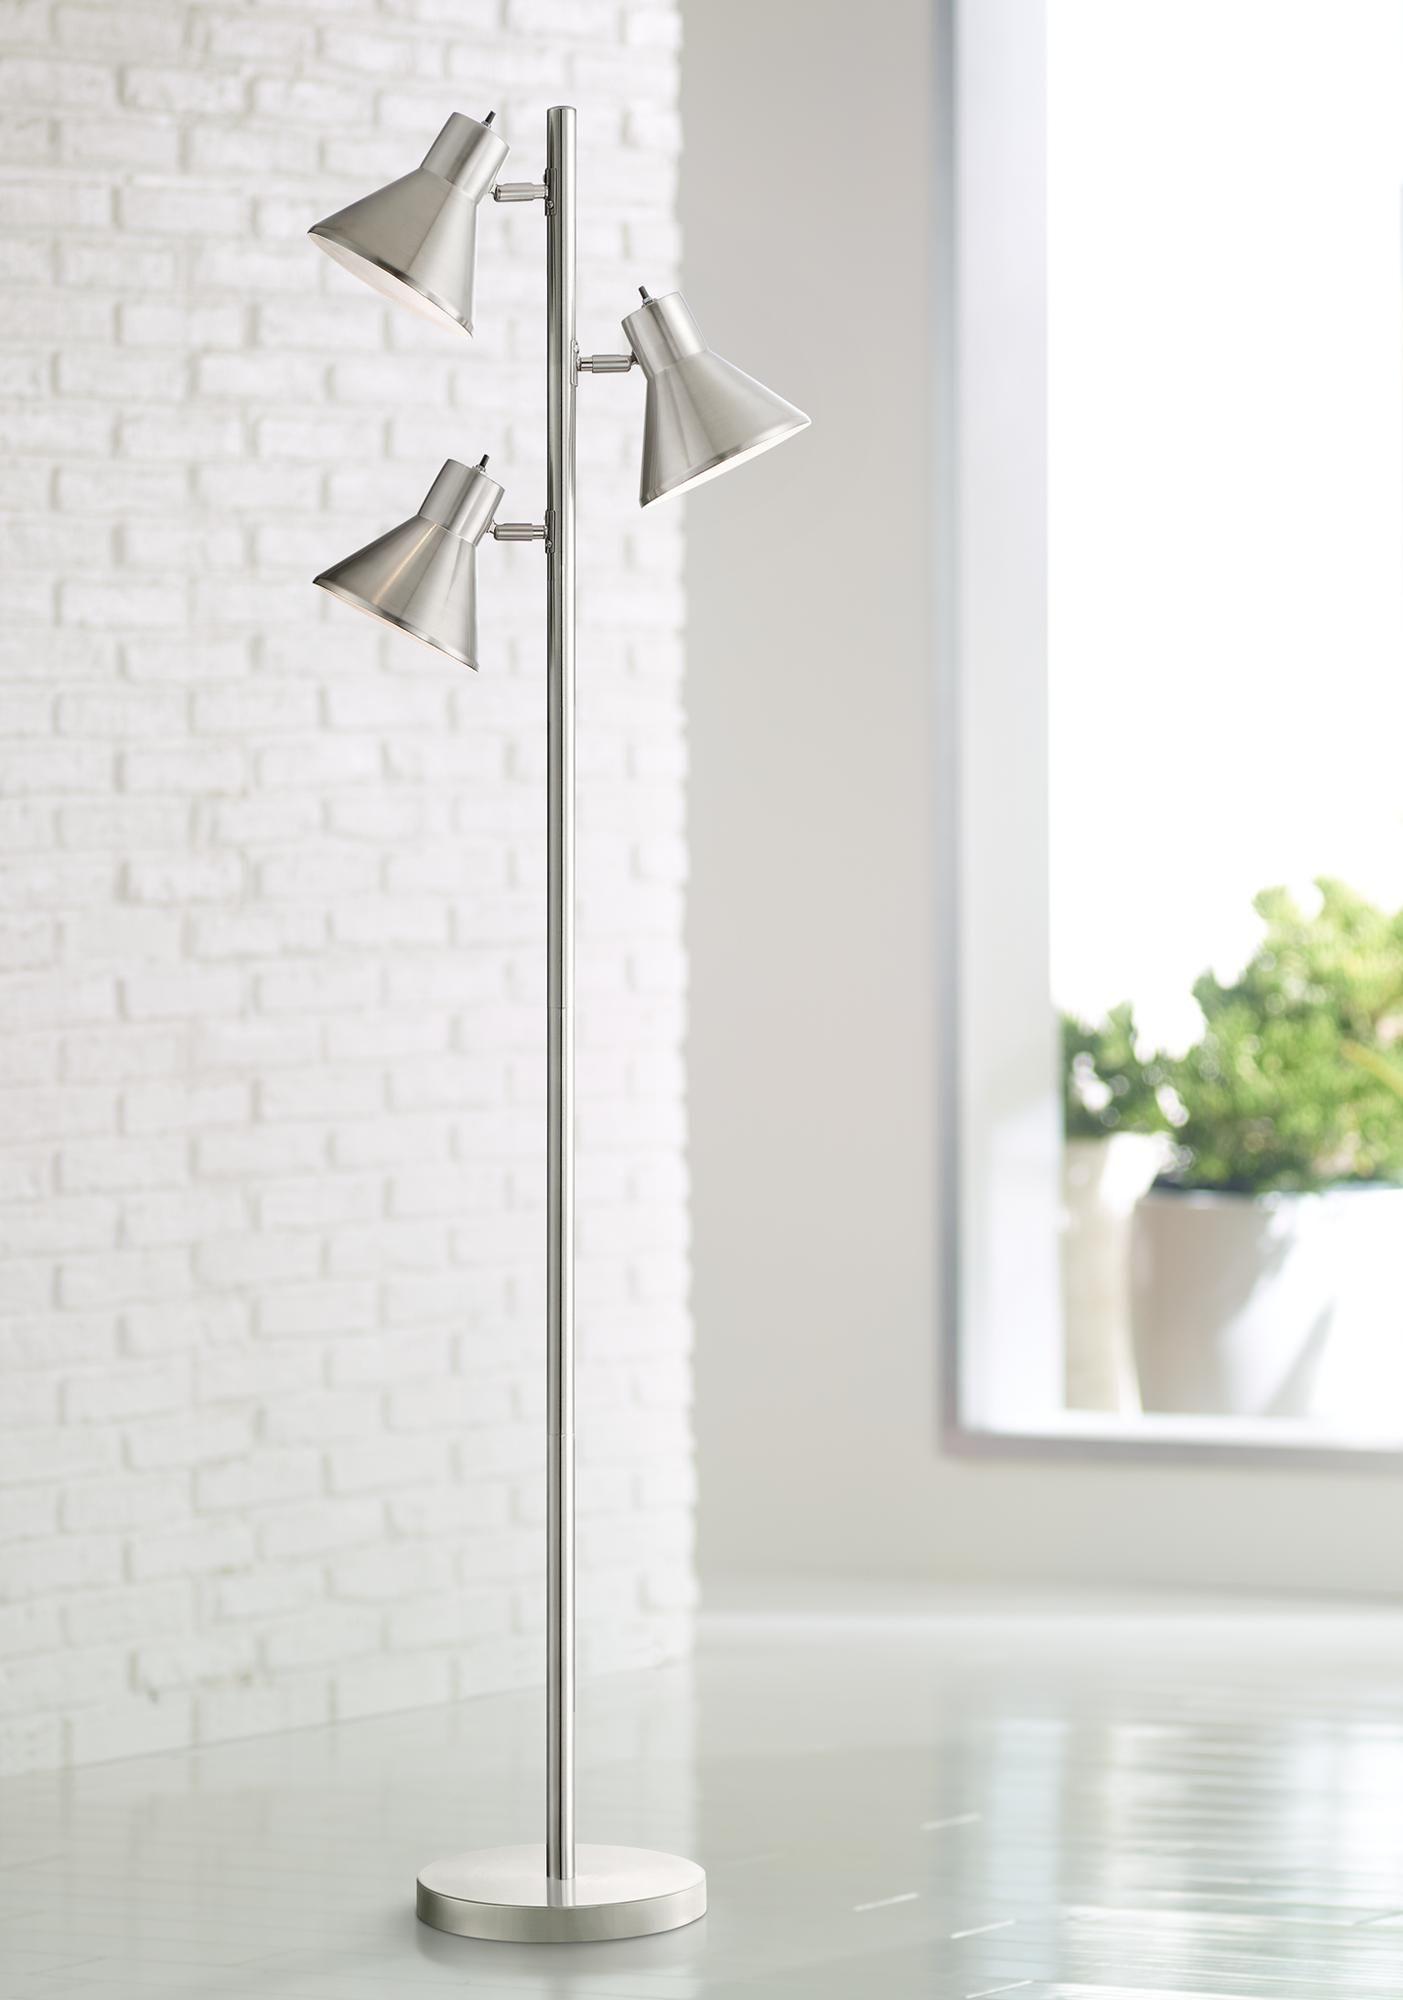 Floor Lamps Luken Brushed Nickel Adjustable 3 Light Tree Floor Lamp In 2020 Modern Floor Lamps Tree Floor Lamp Floor Lamp